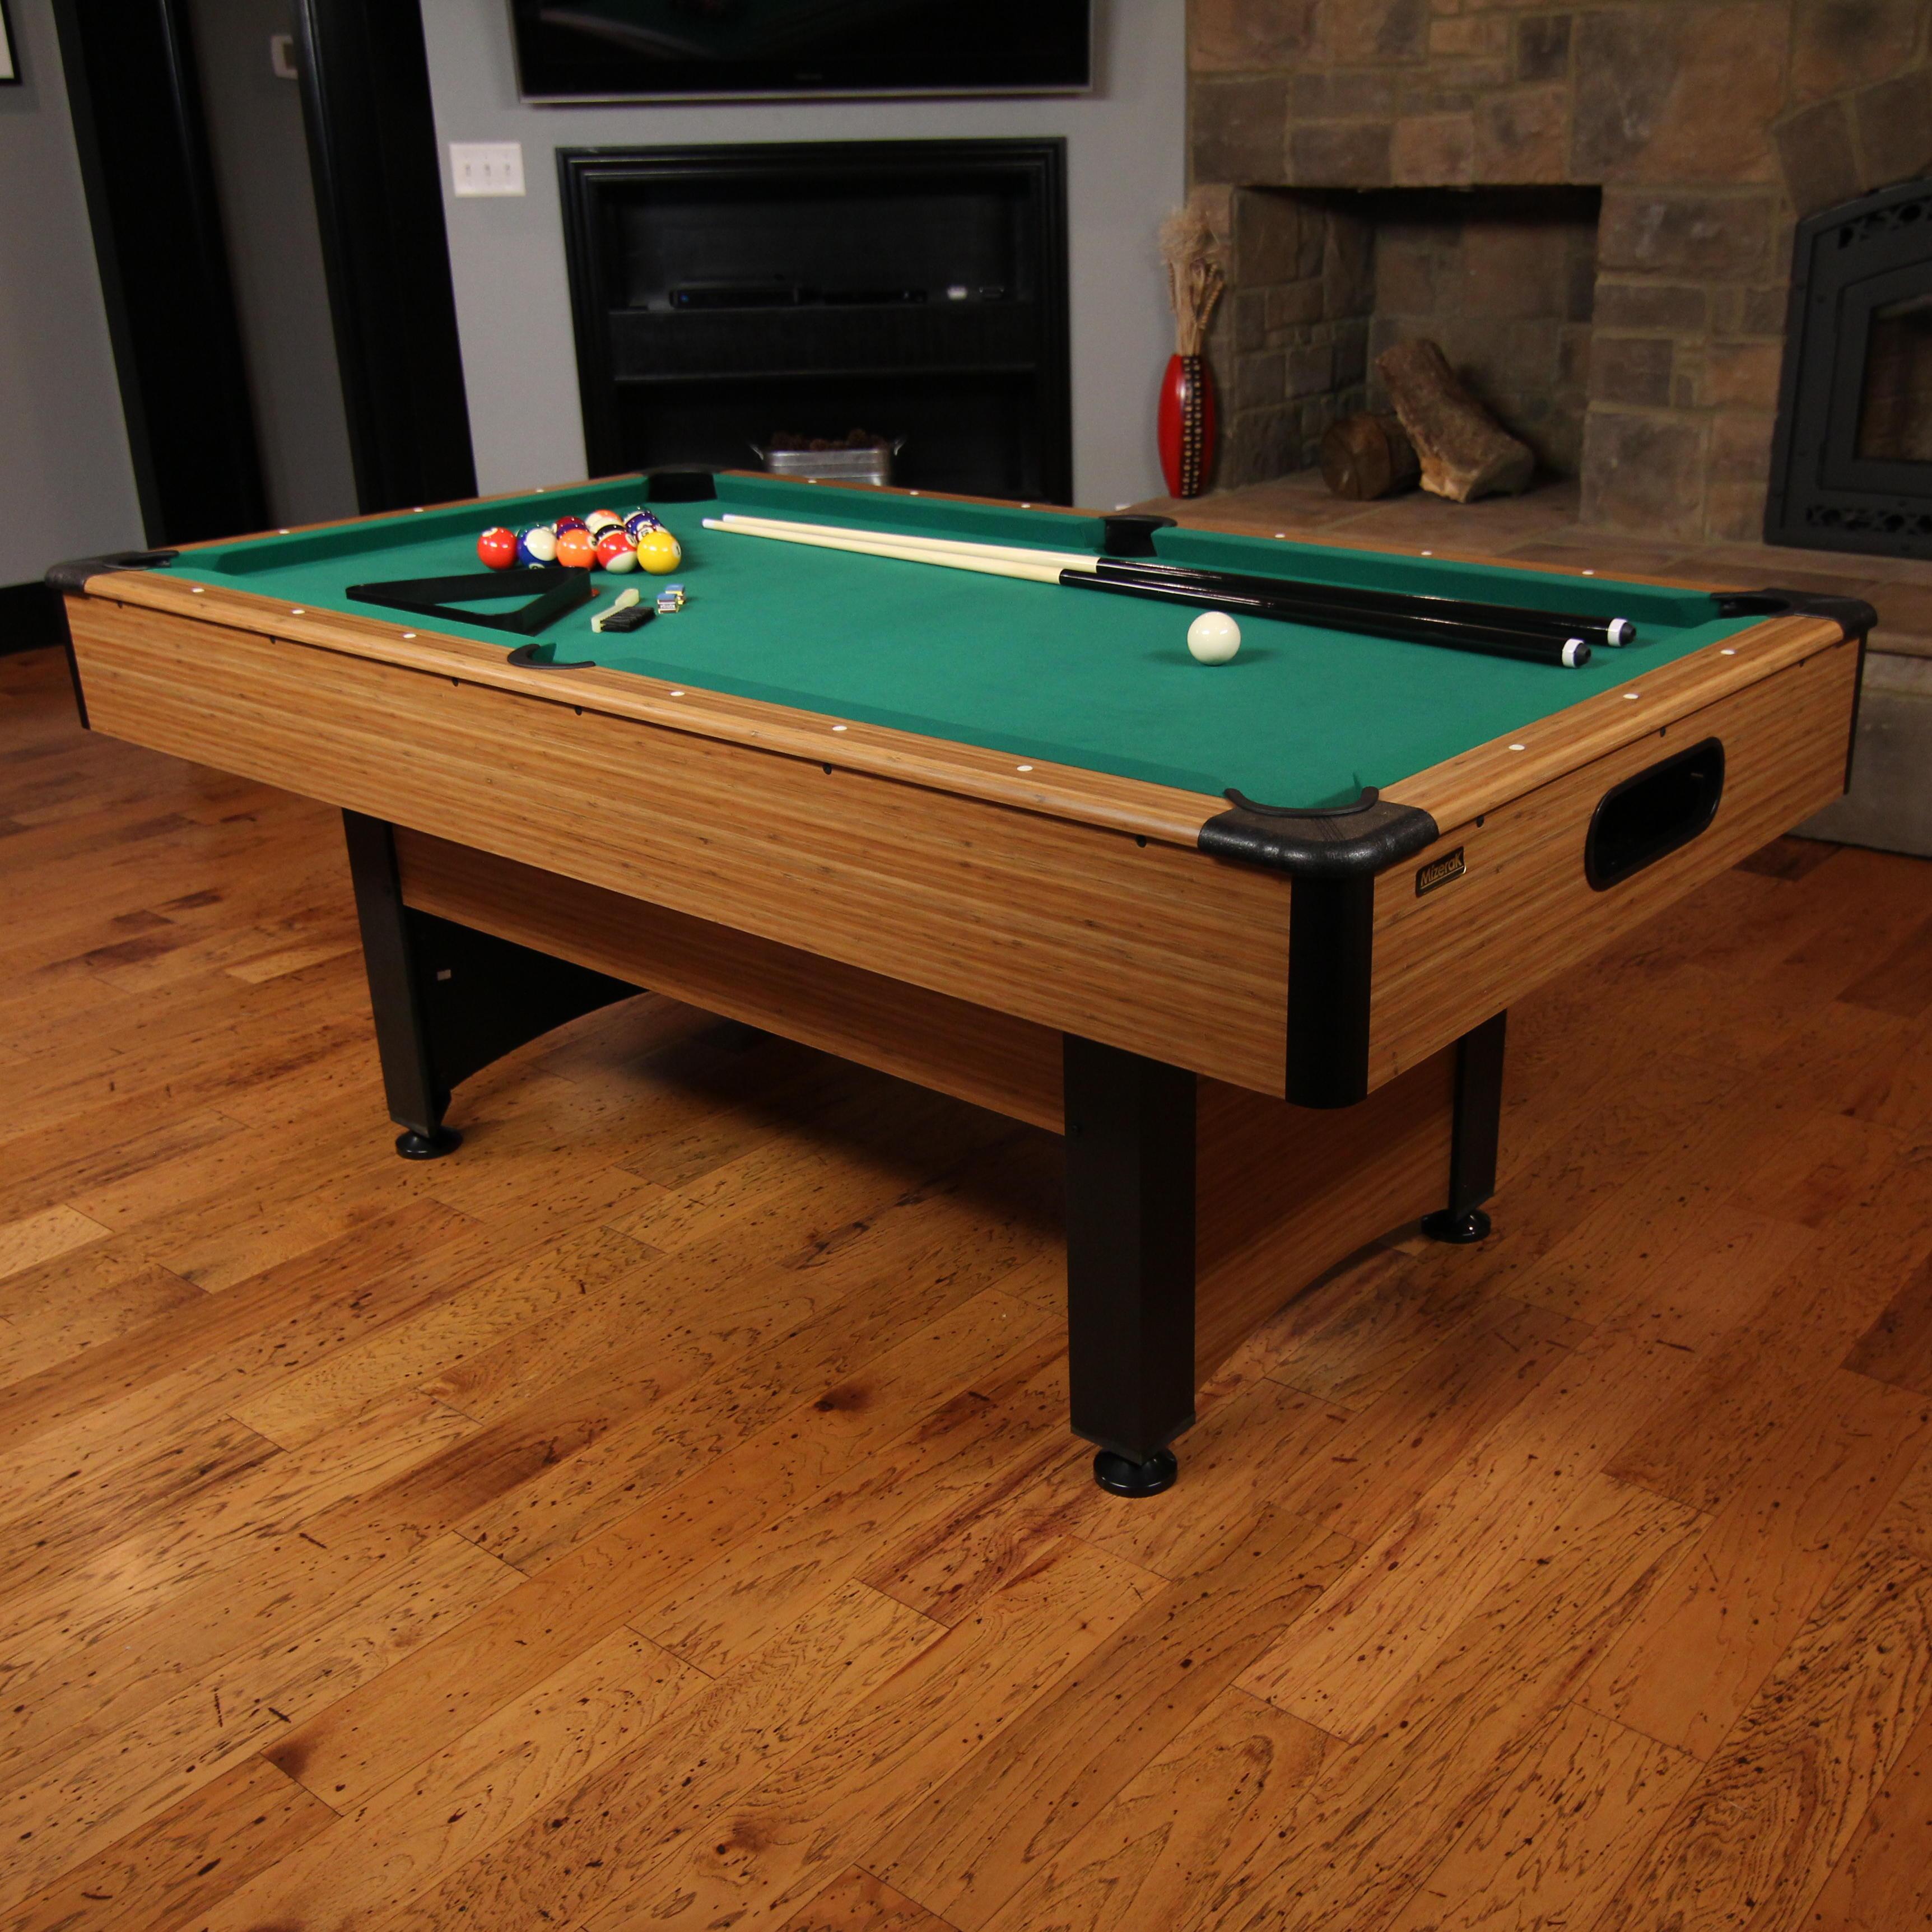 Mizerak Pool Table Used Images Mizerak Essex Pool Table - Chicagoan pool table